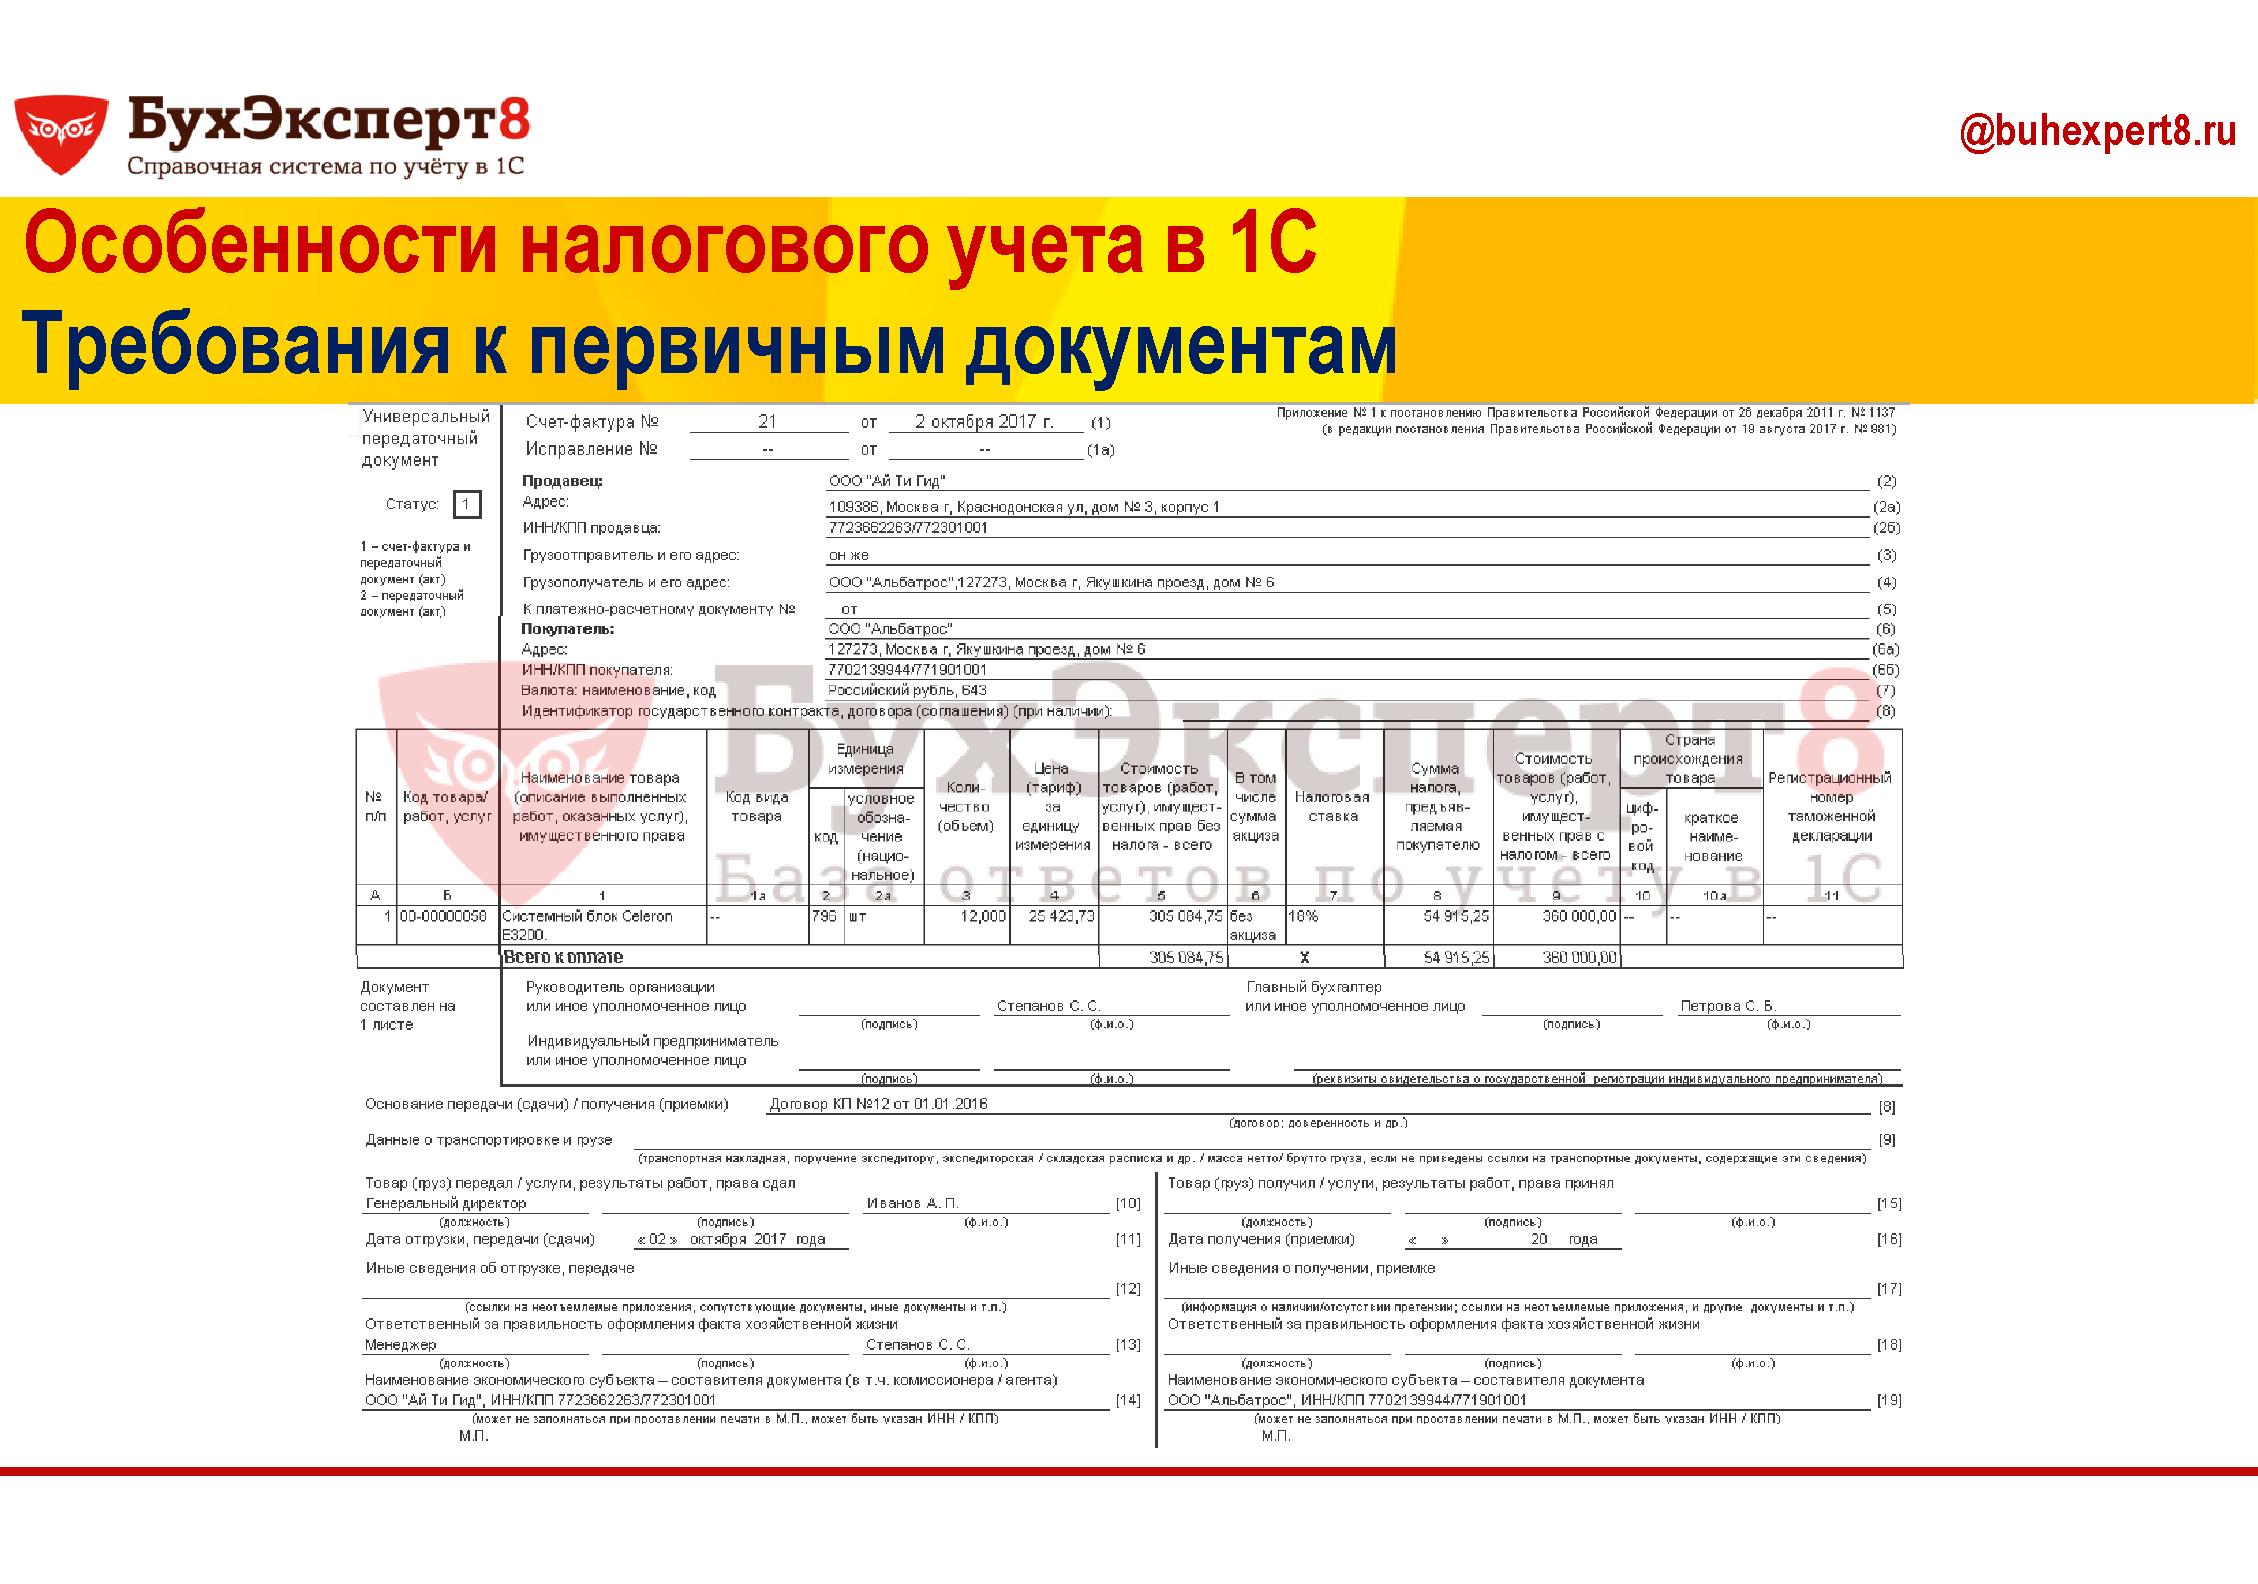 Особенности налогового учета в 1С Требования к первичным документам